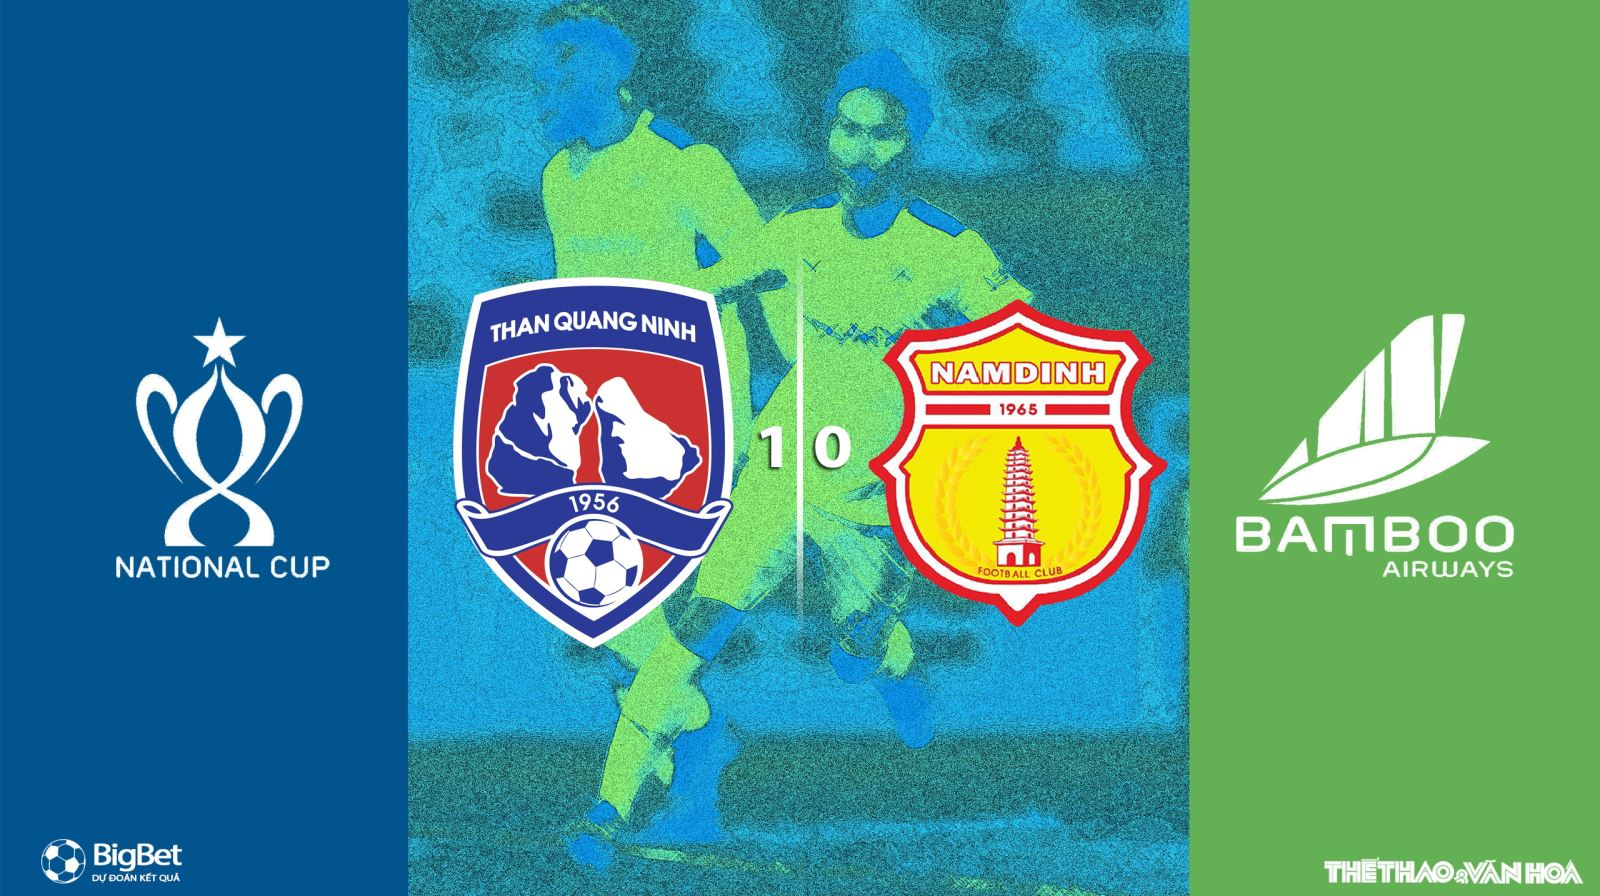 Than Quảng Ninh vs Nam Định, Than Quảng Ninh, Nam Định, soi kèo Than Quảng Ninh vs Nam Định, nhận định Than Quảng Ninh vs Nam Định, bóng đá, cúp quốc gia